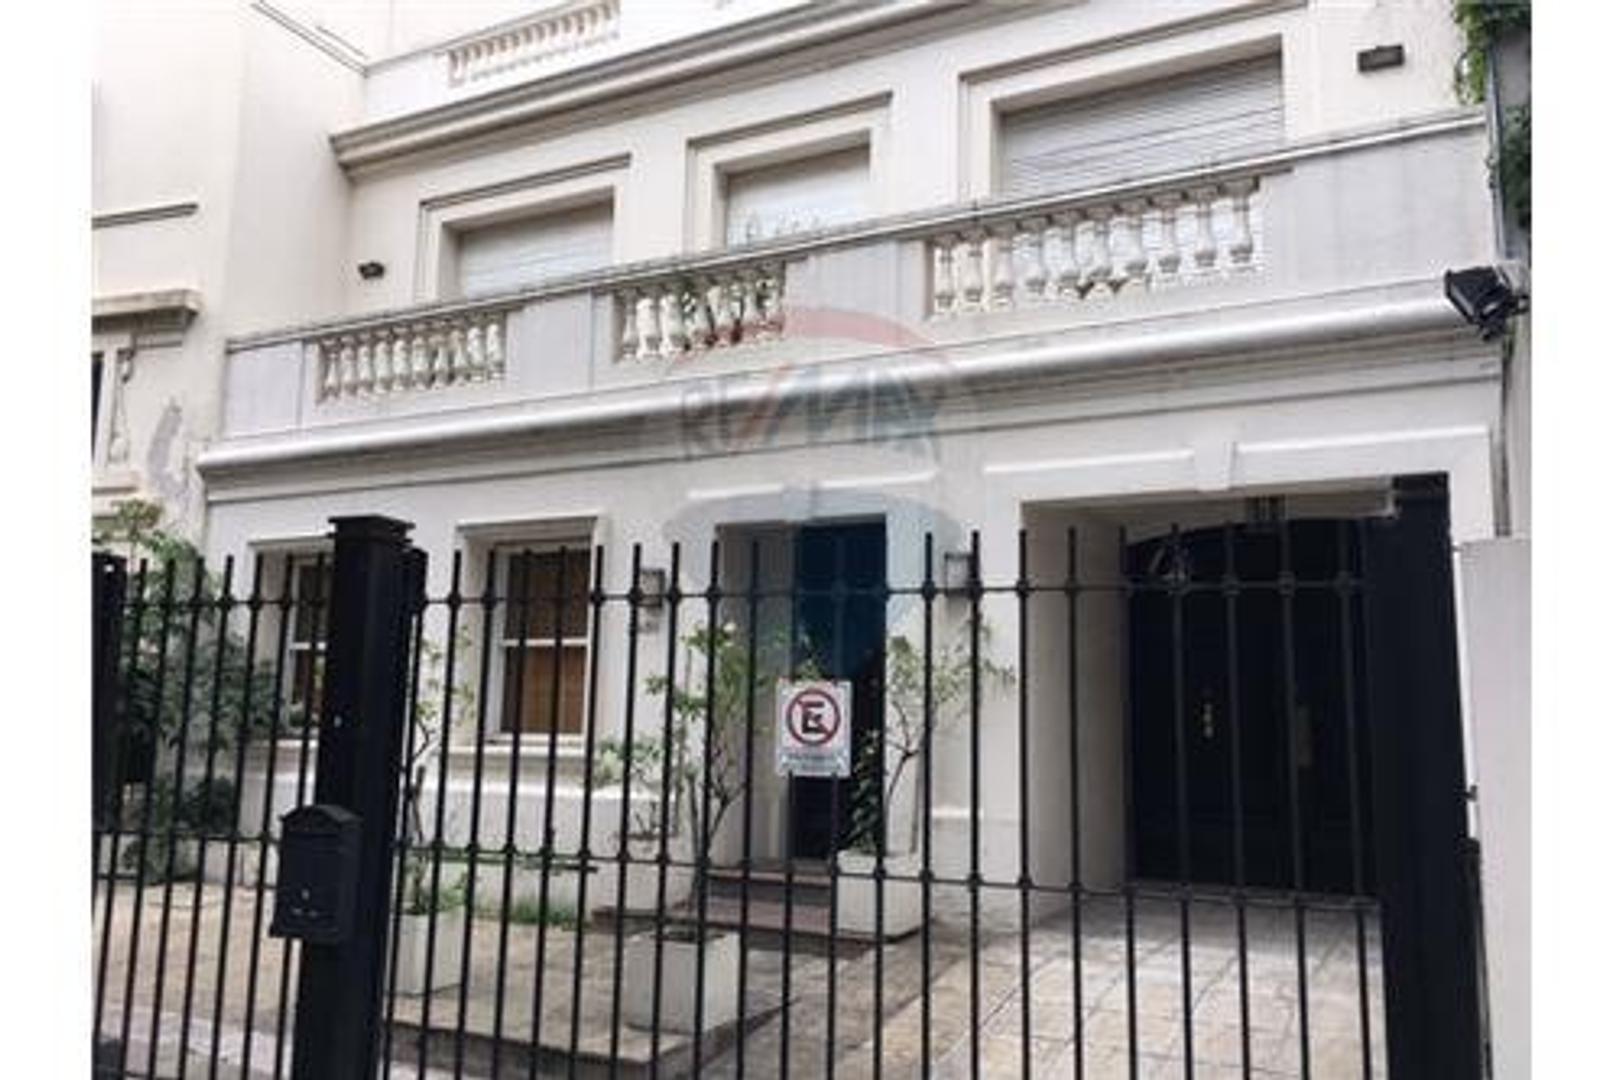 Lujosa casa en Barrio Parque de 580m² sobre Ombú